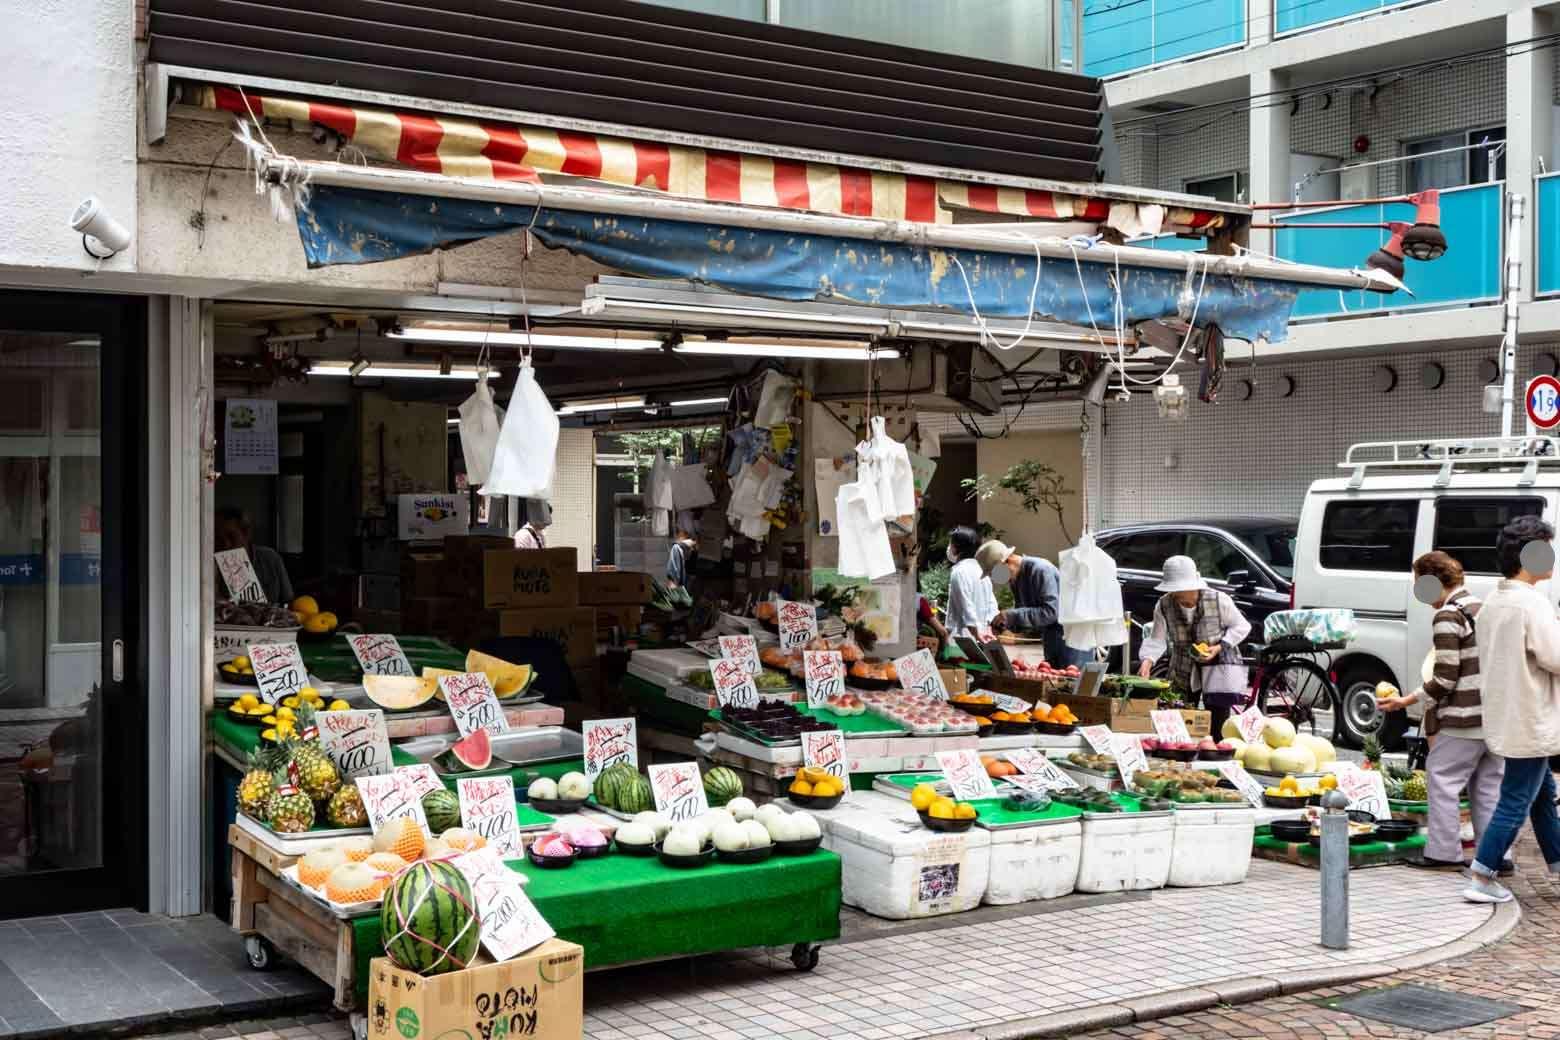 本領発揮と言わんばかりに賑やかになってきました。こちらはかなり繁盛している青果店。